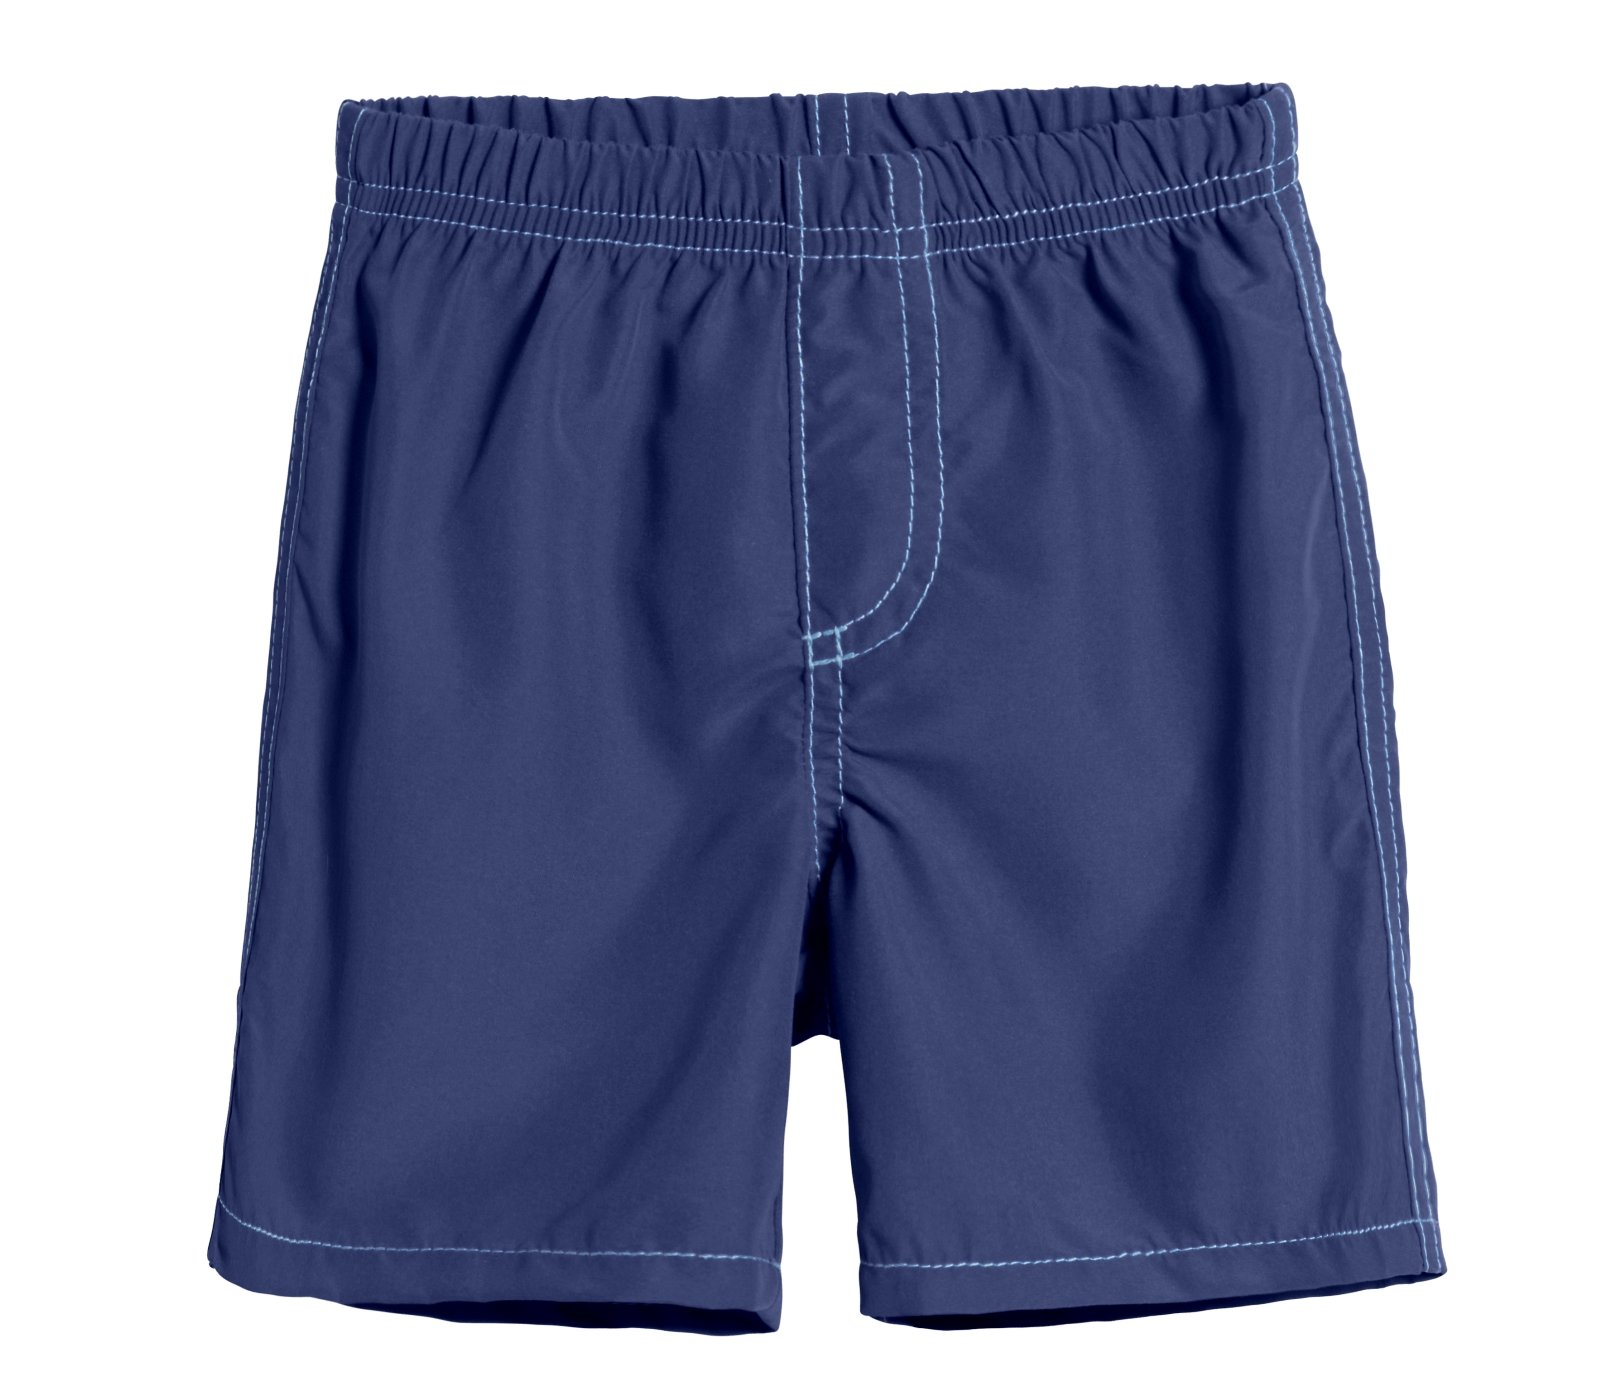 City Threads Little Boys' Swimsuit Swim Trunks Shorts, Navy, 4